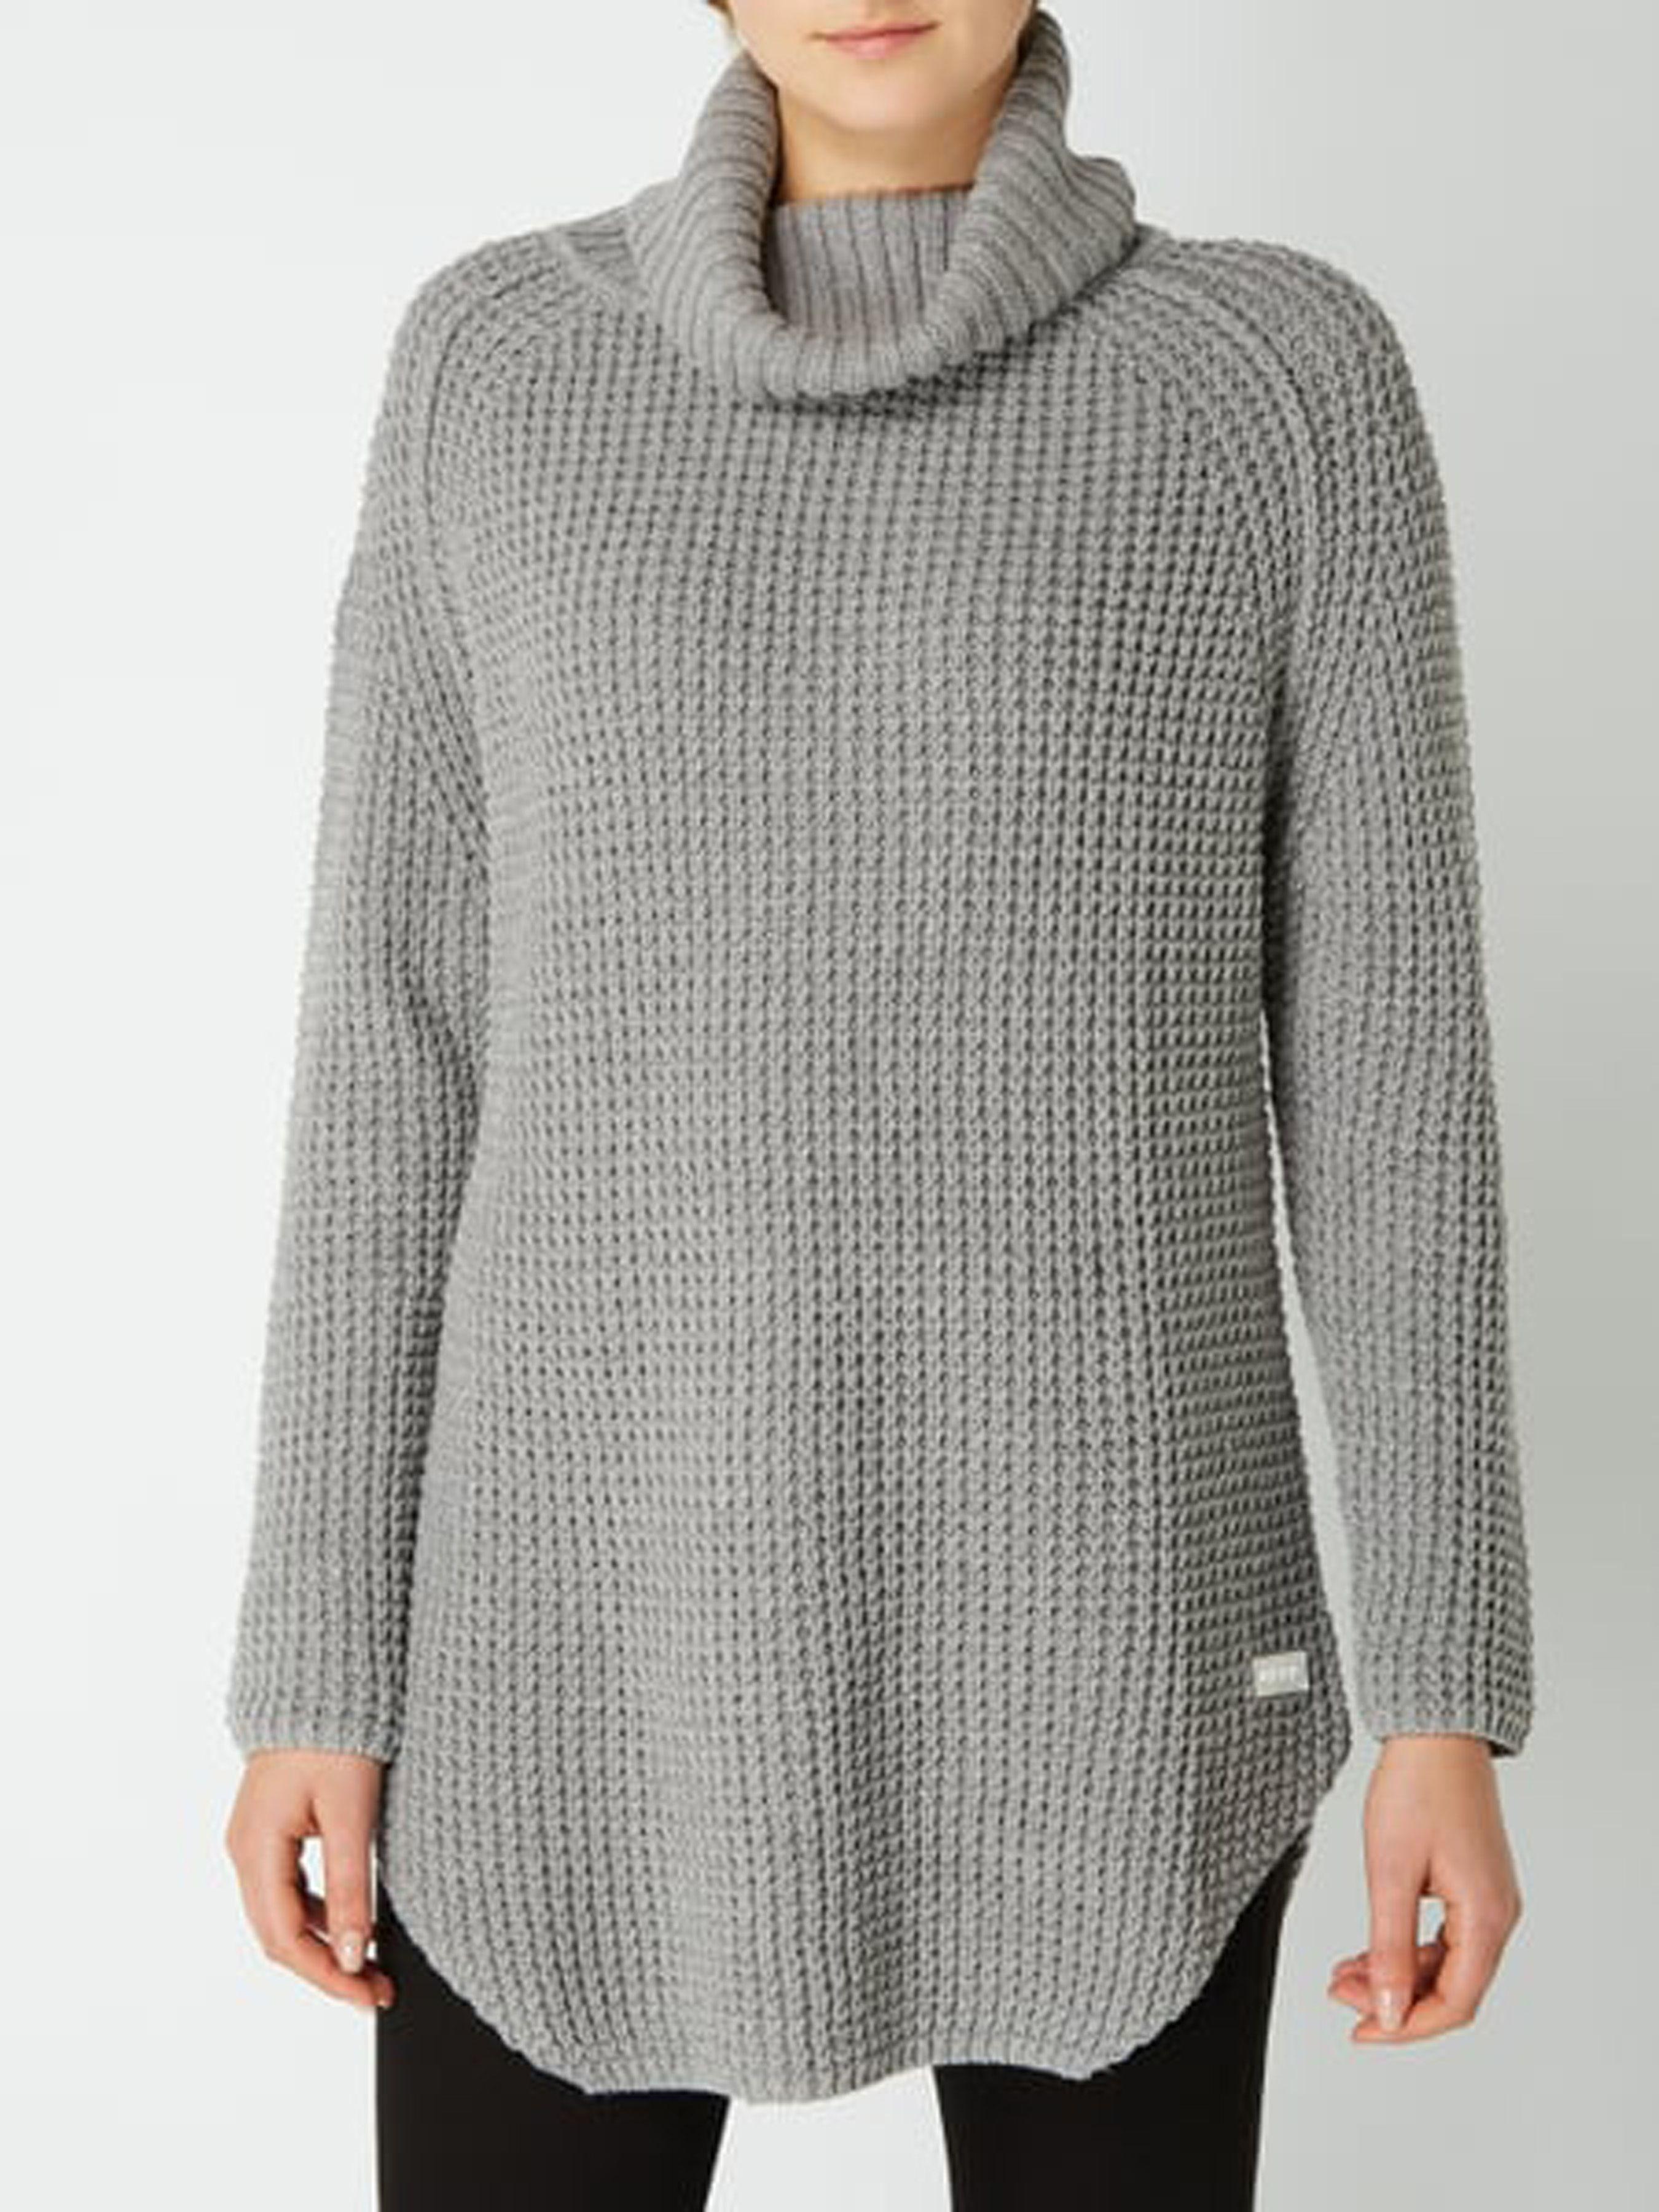 Купить Пуловер женские модель PF3362, MARC O'POLO DENIM, Серый